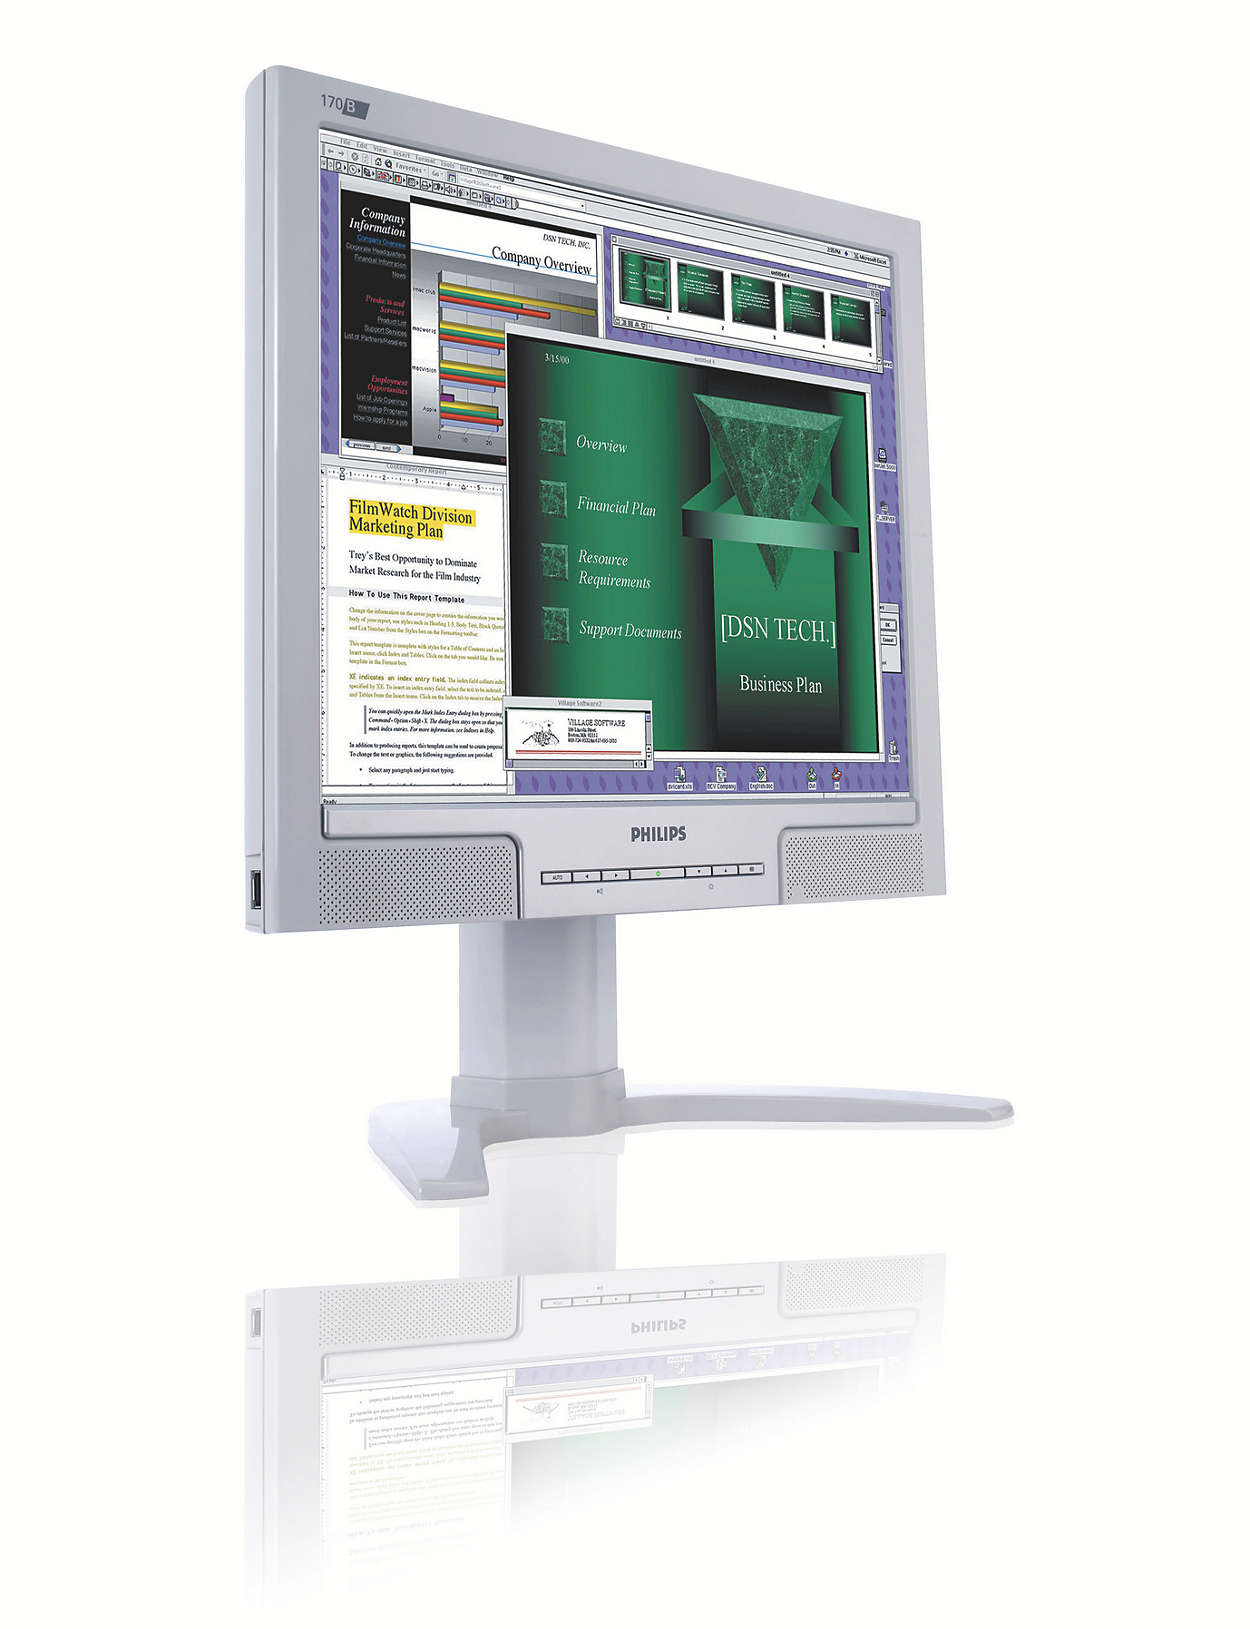 Niezwykle wygodny w użyciu monitor dla użytkowników w firmach